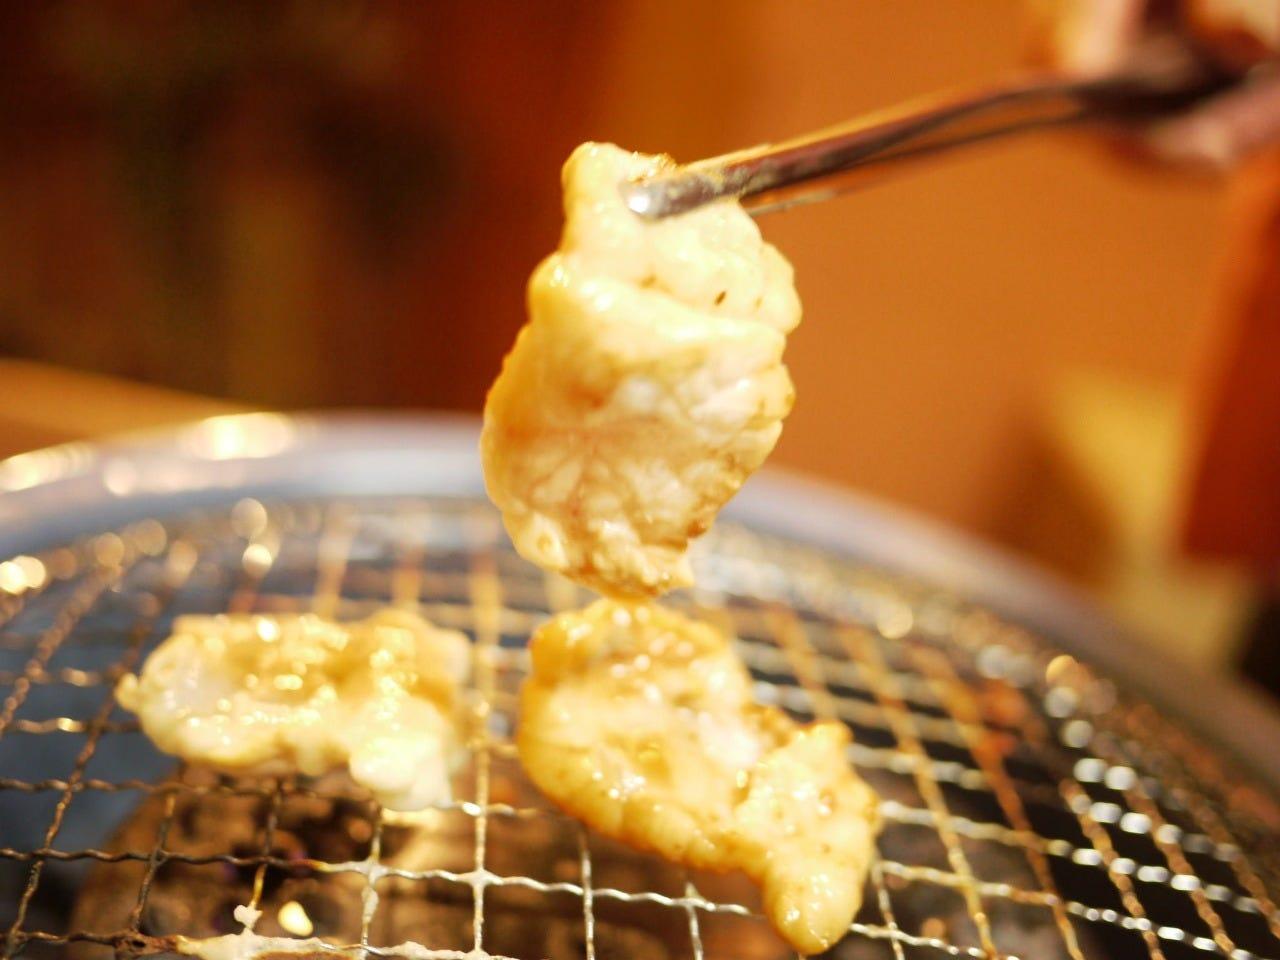 鱧とふぐ料理 ゆめふく 北野阪店